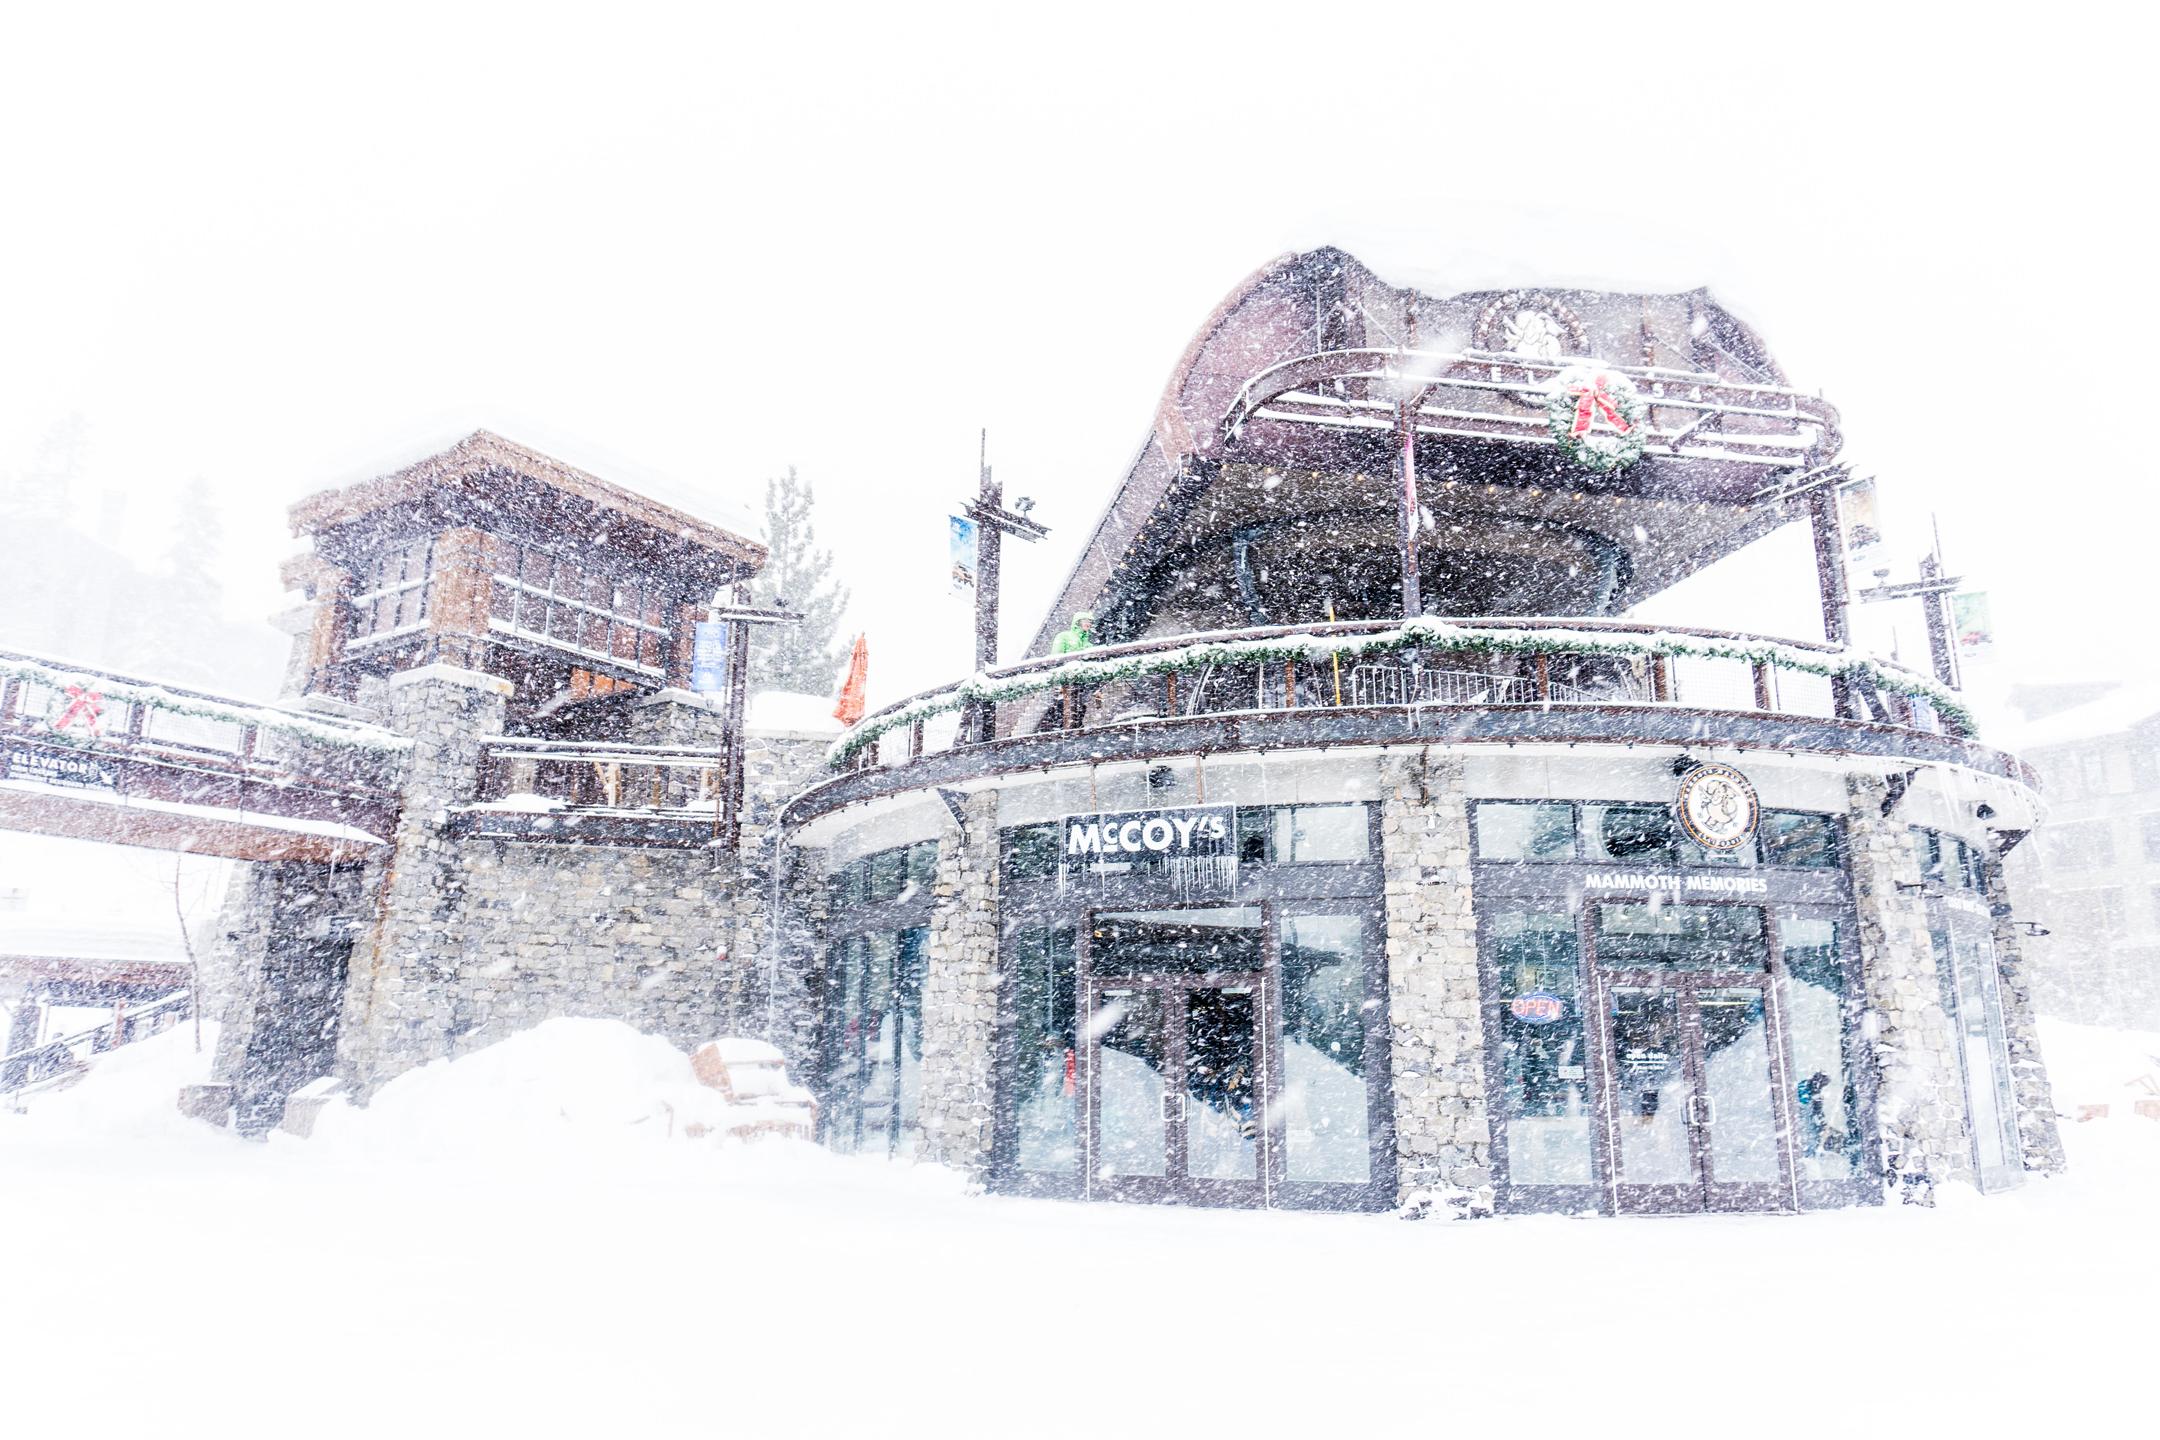 Snow Snow & More Snow!